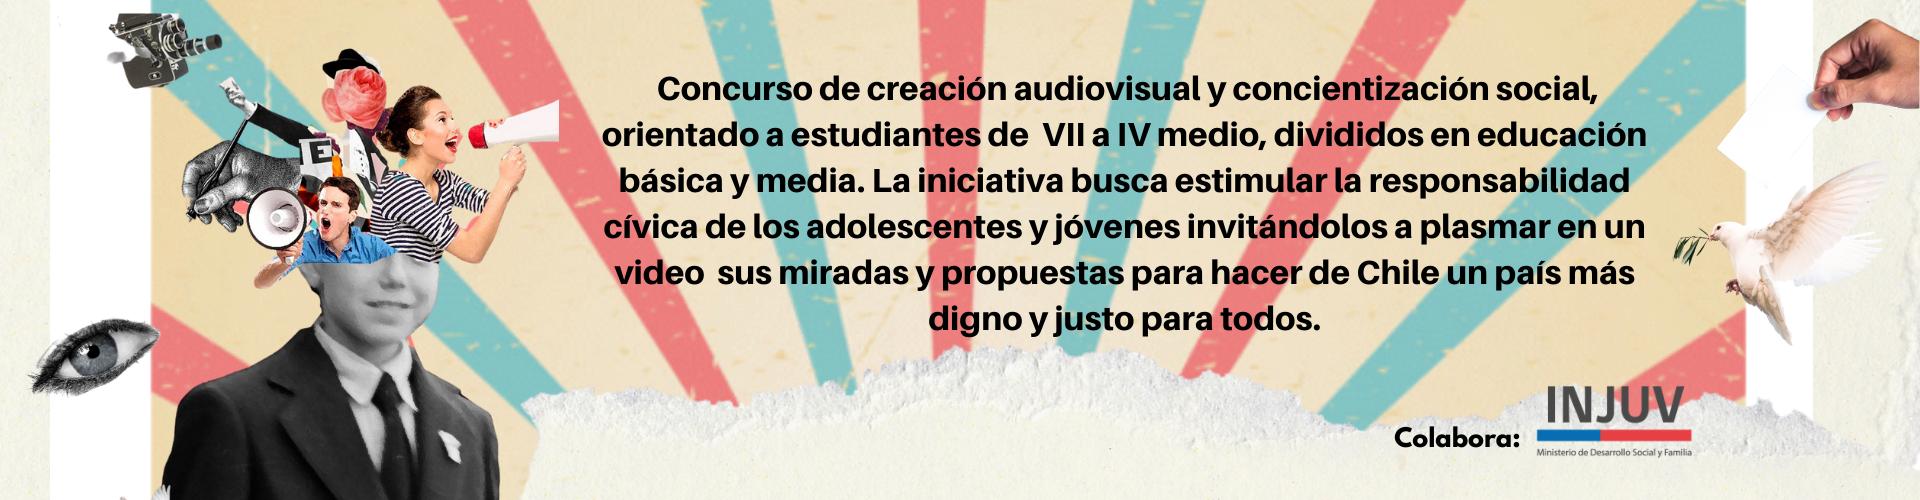 Concurso de creación audiovisual y concientización social, orientado a estudiantes de entre 13 y 18 años, divididos en educación básica y media. La iniciativa busca estimular la responsabilidad cívica de los adol-1